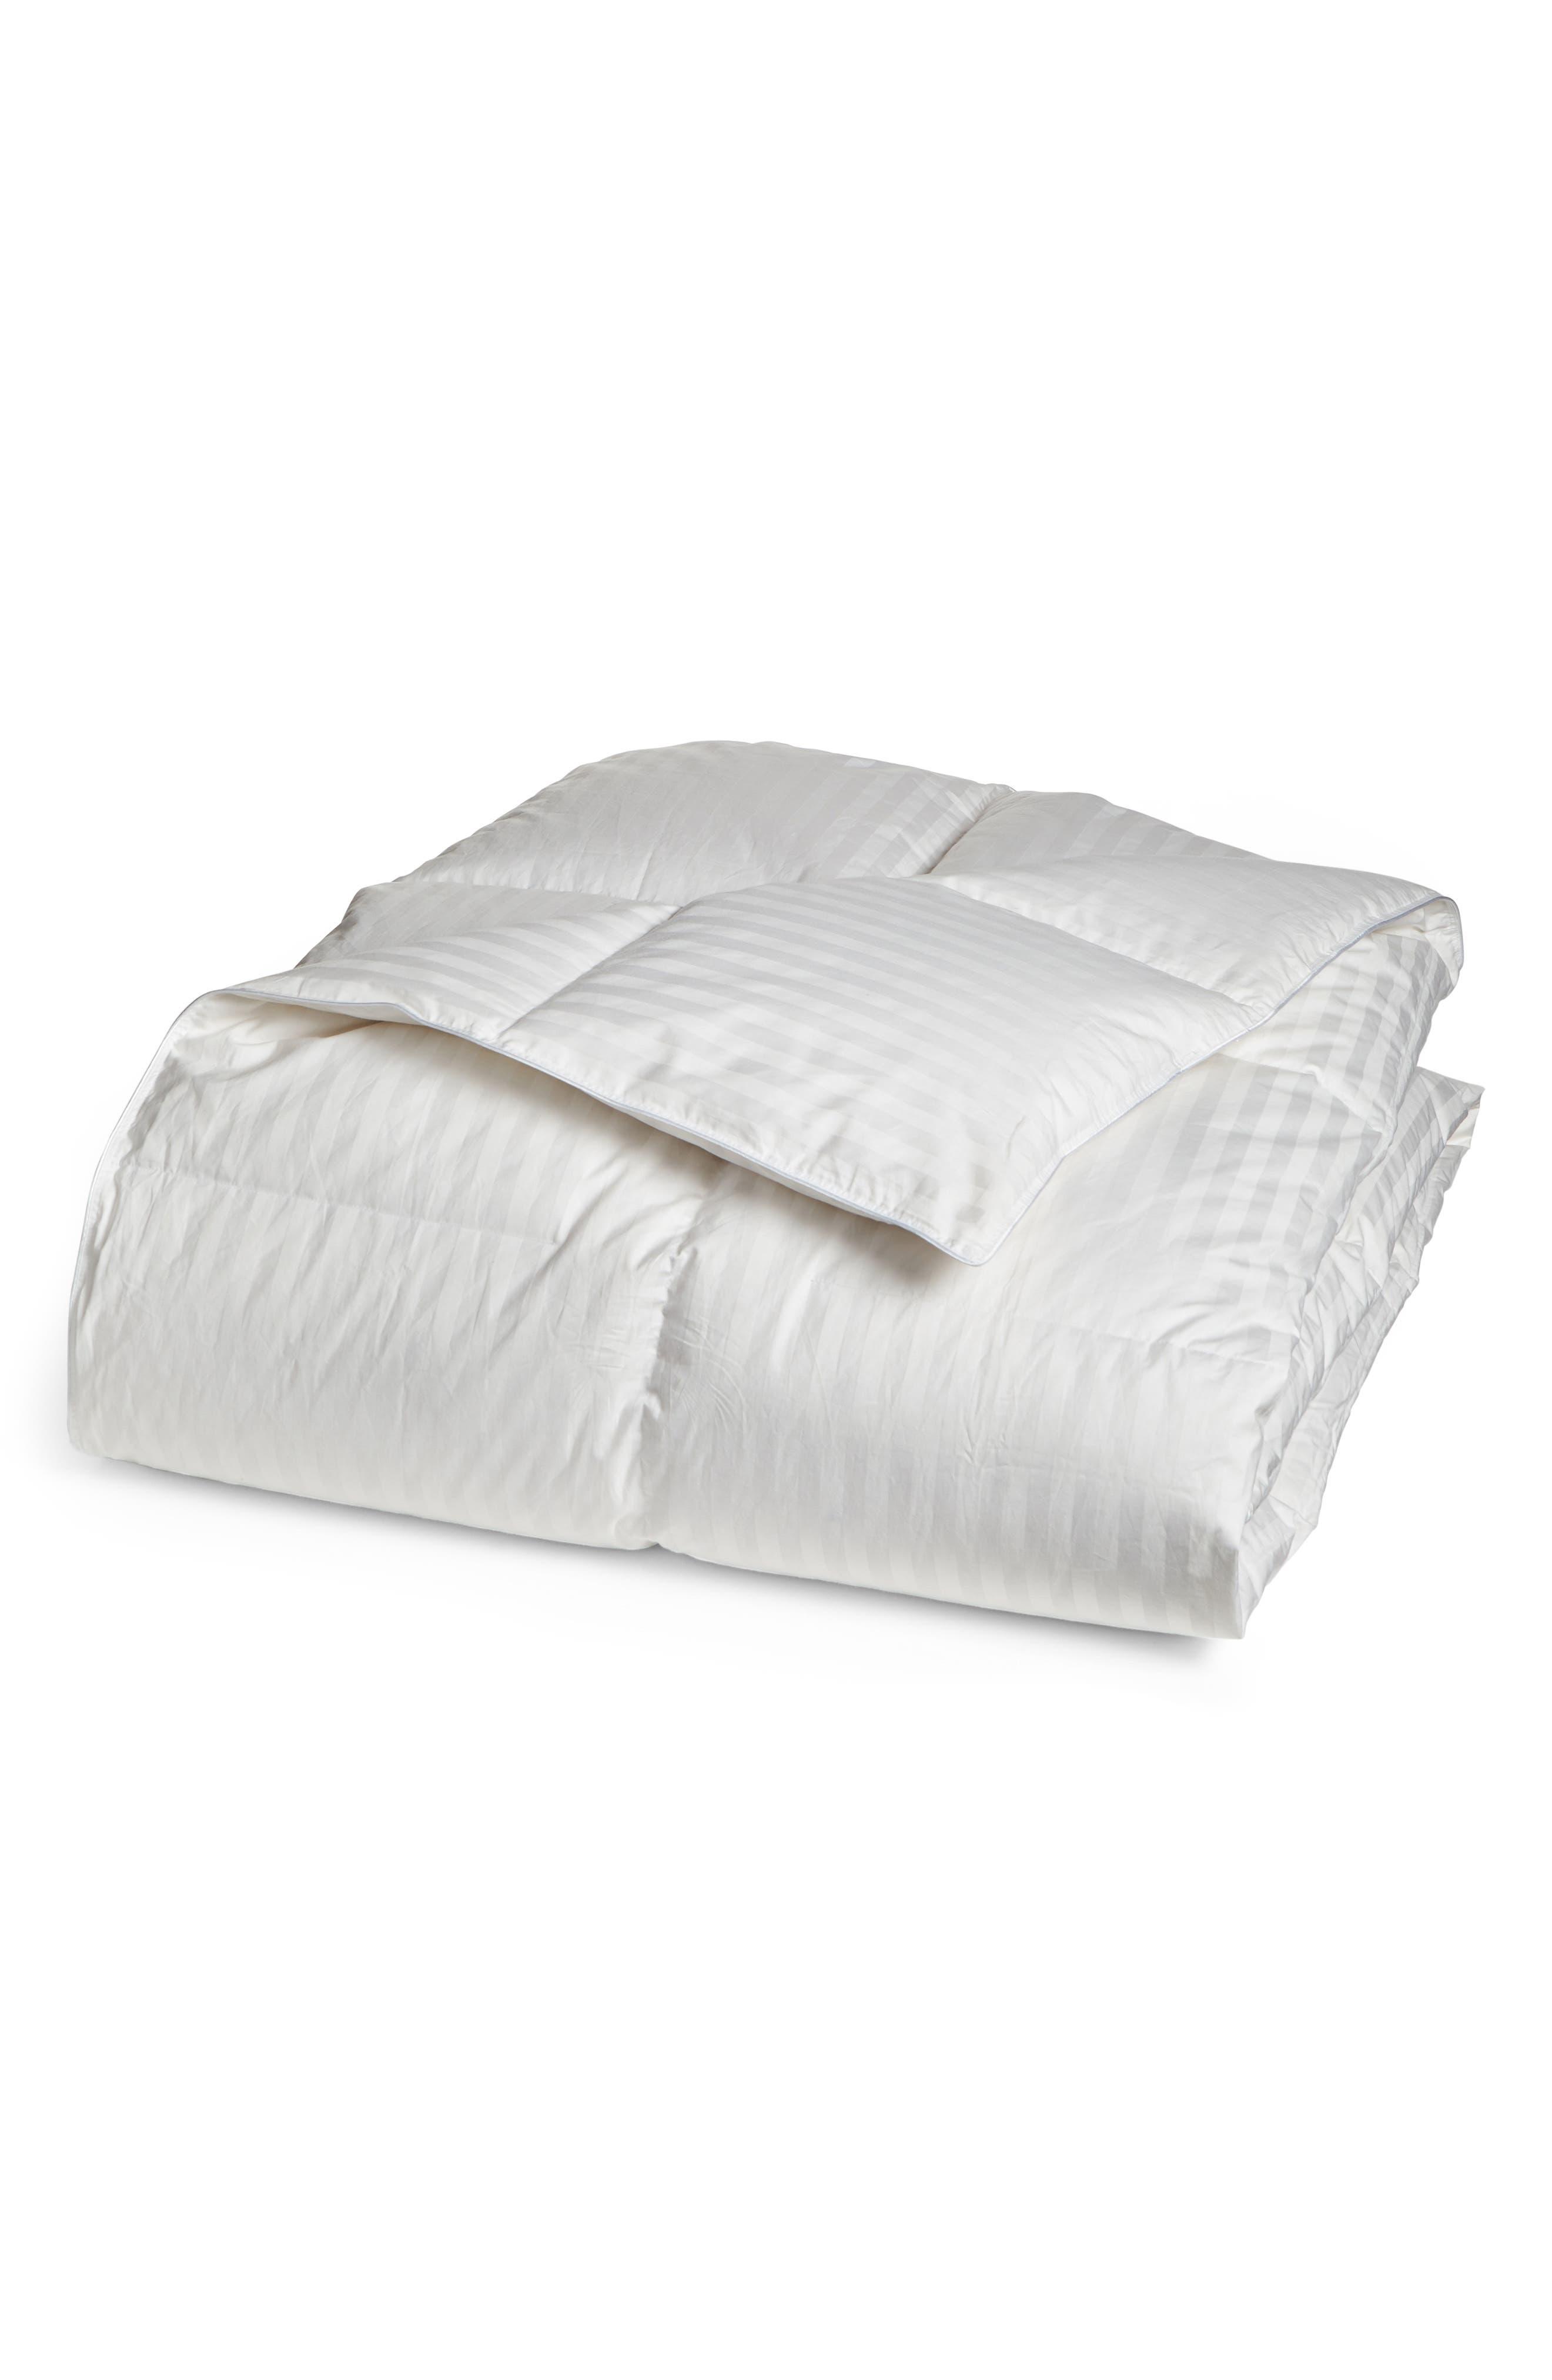 soft white duvet down pin comforter microfiber hypoallergenic plush brushed insert ultra king alternative